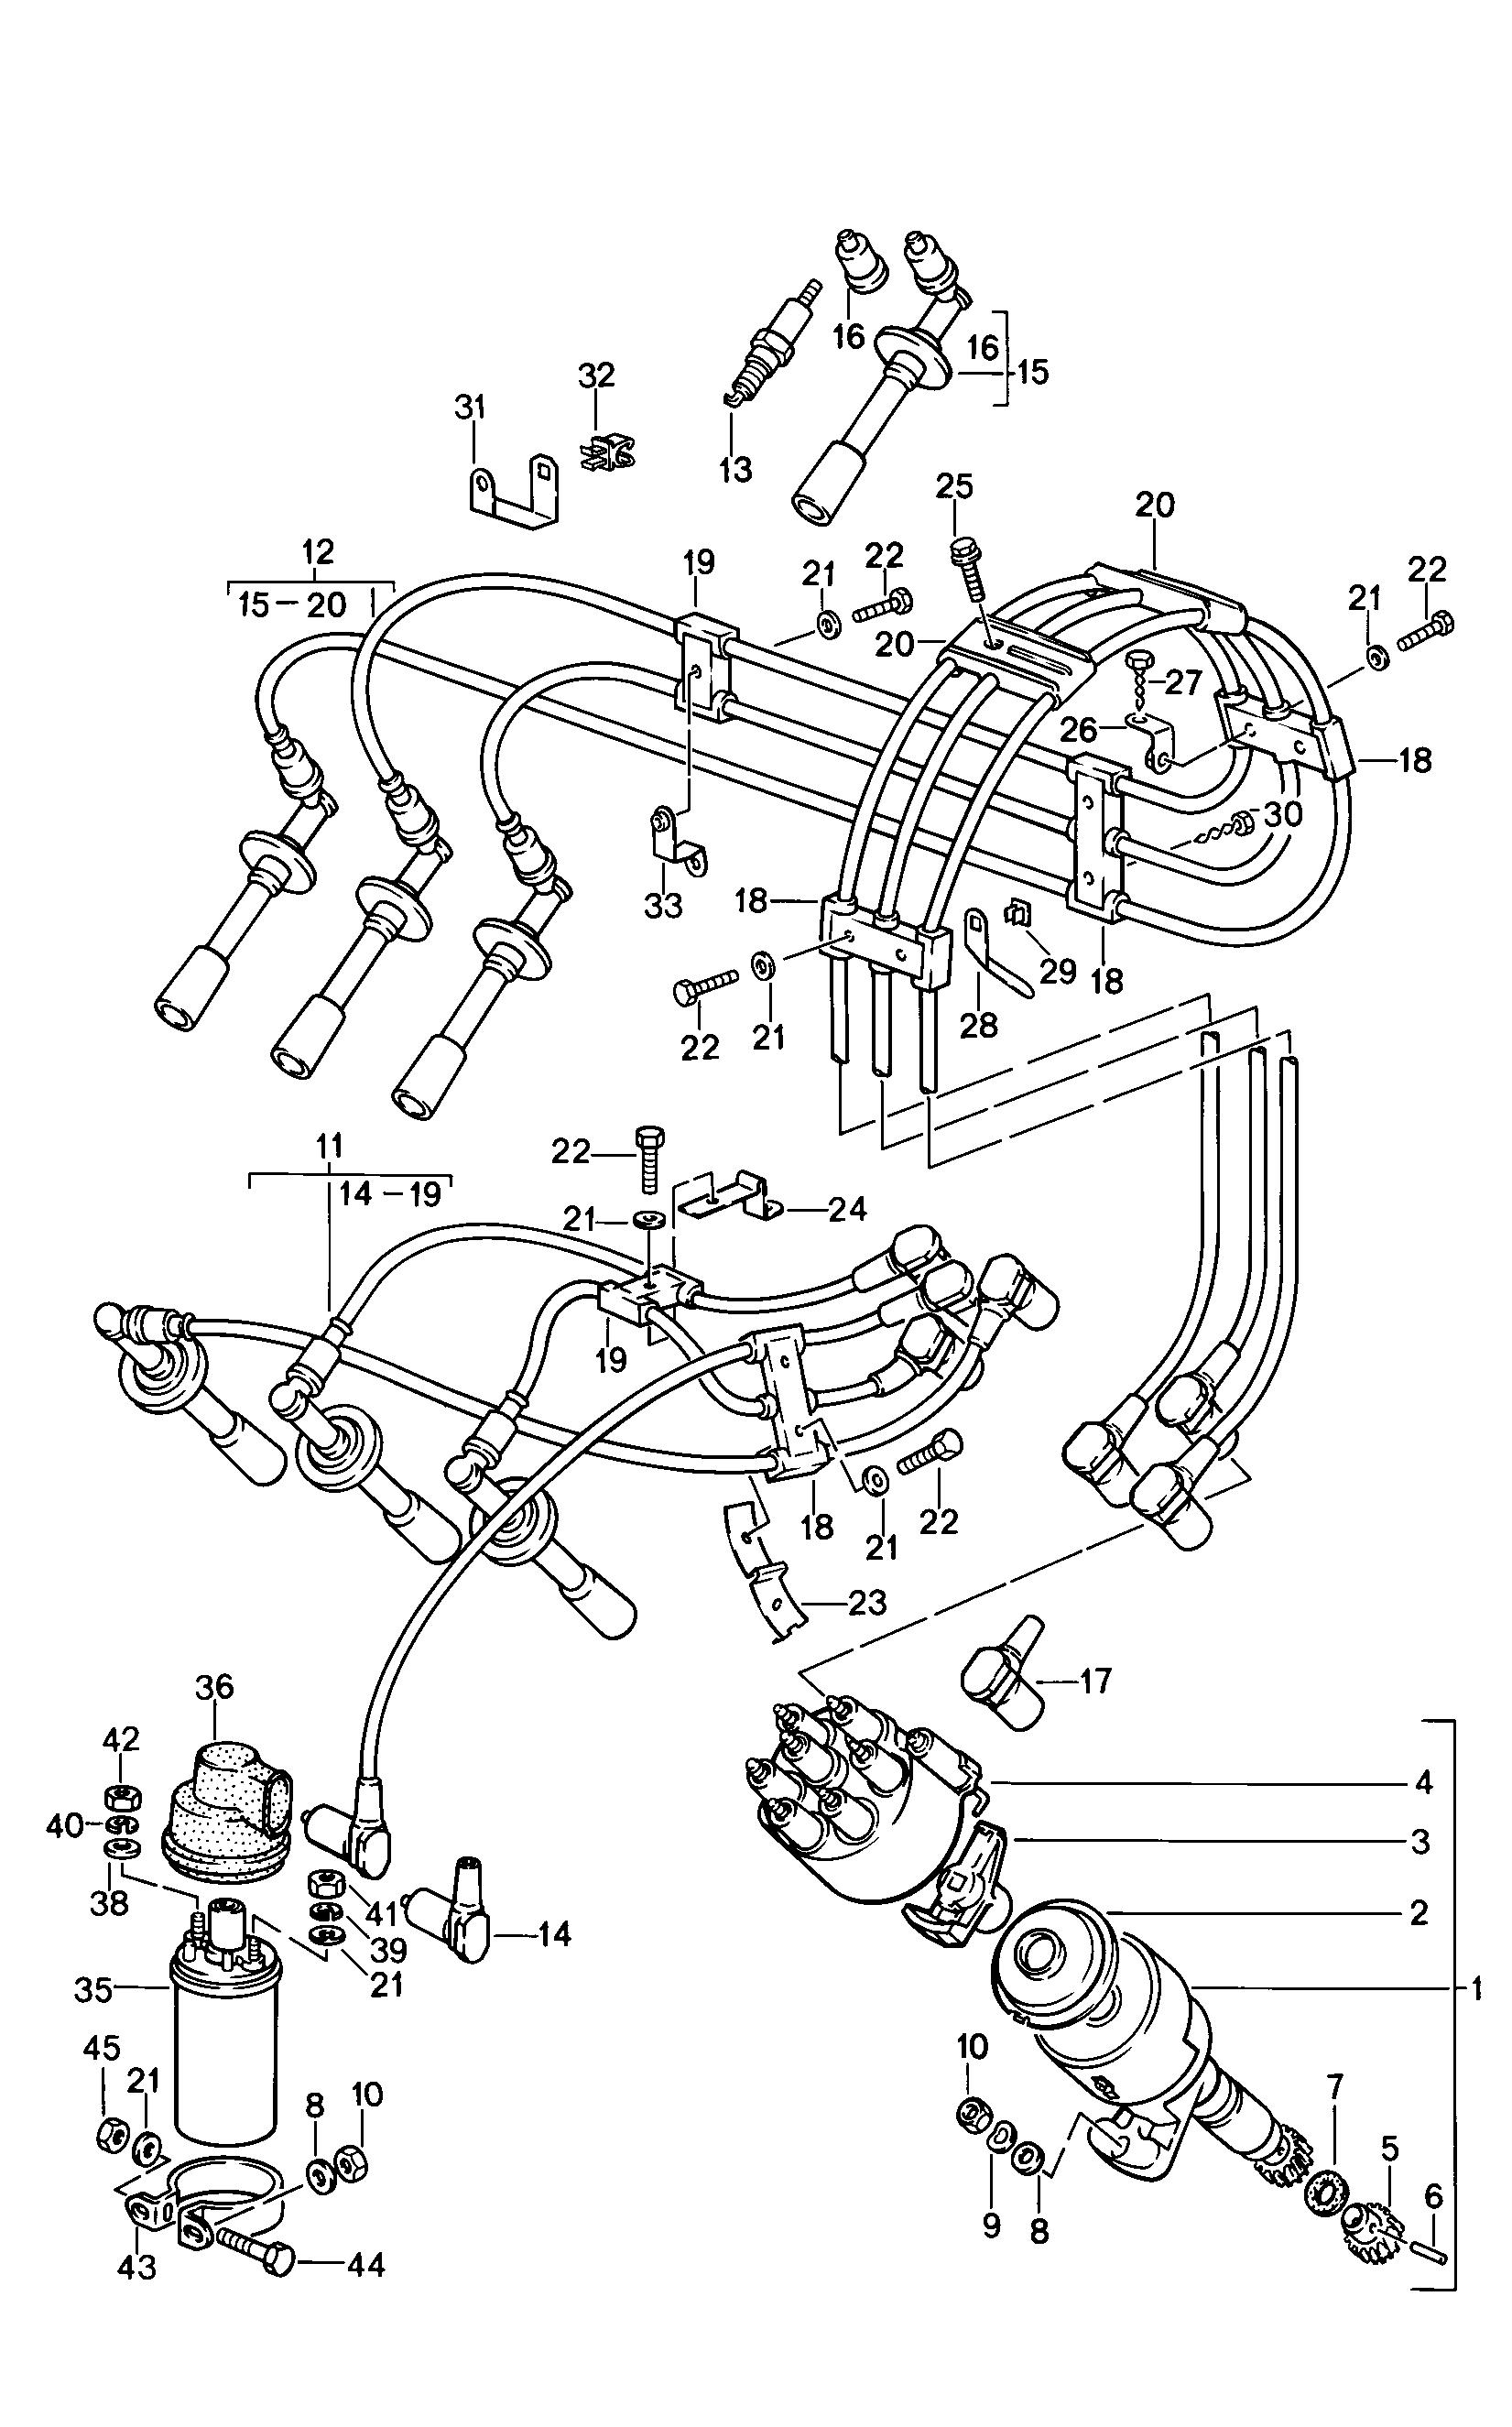 Diagram Of 1987 Porsche 911 Engine Wiring Library 1989 Pet